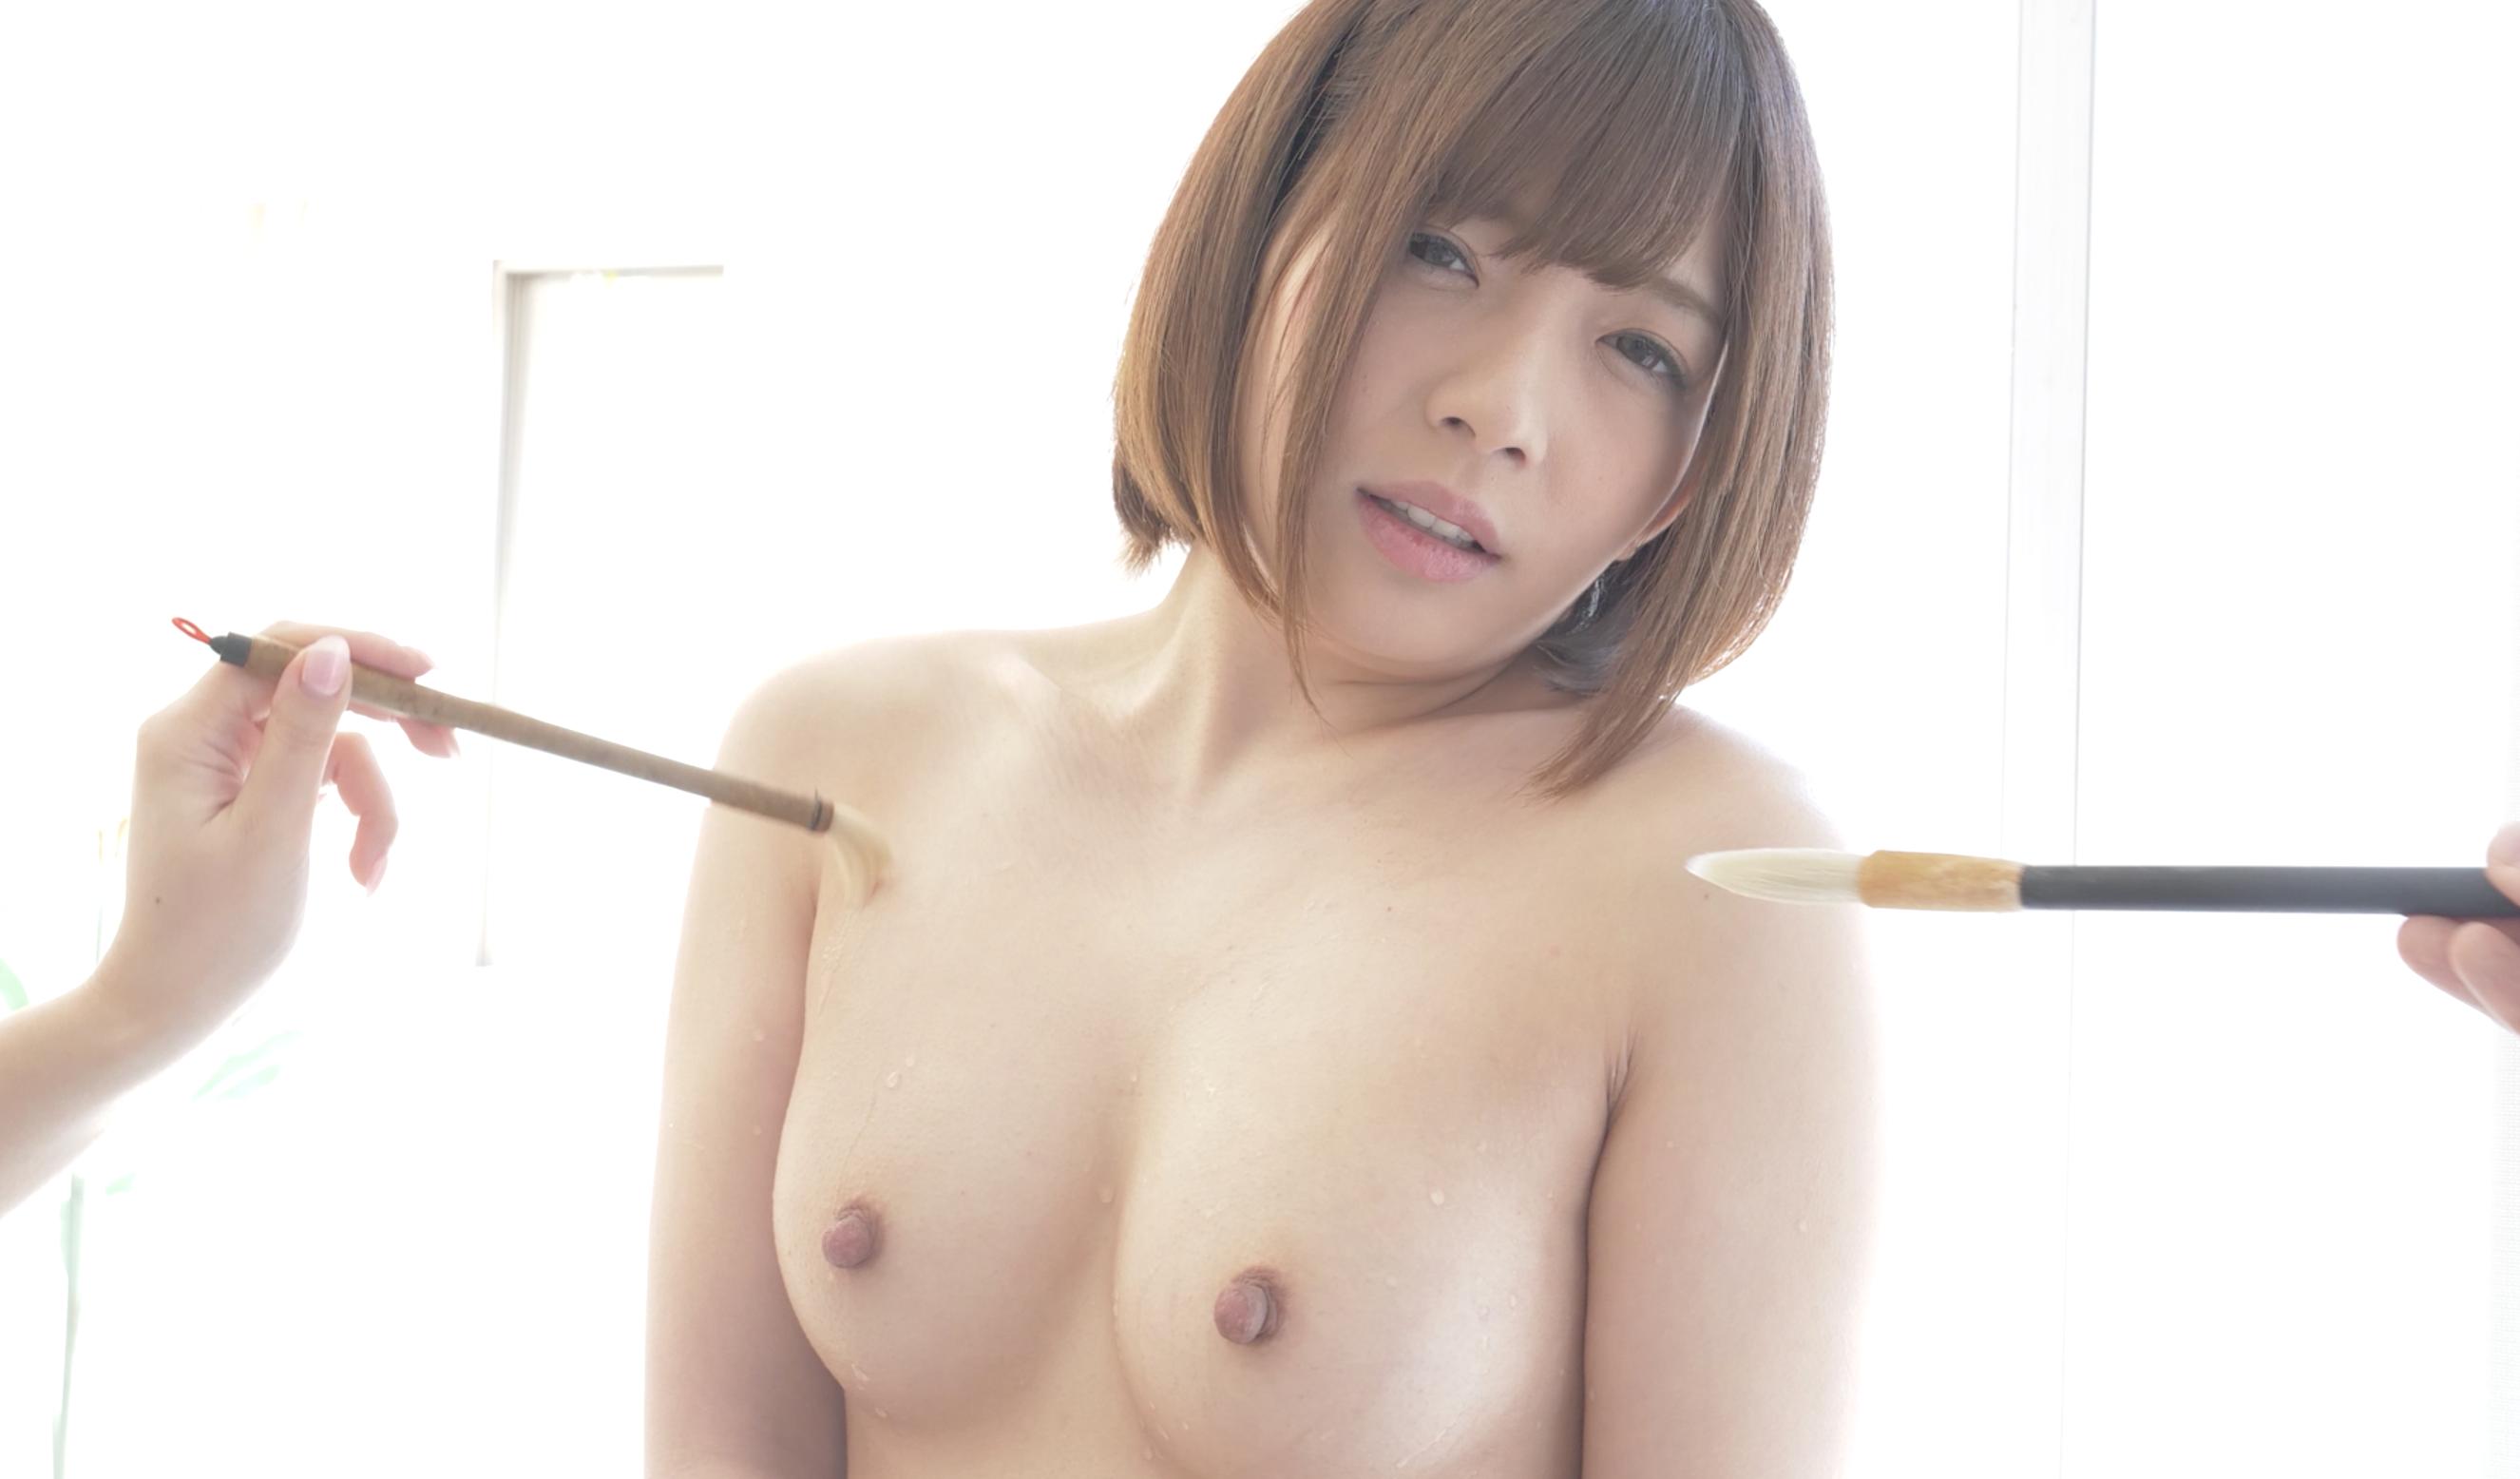 超可愛い人気女優 麻里梨夏チャンを濡れた筆でいじくりマッサージしました!!